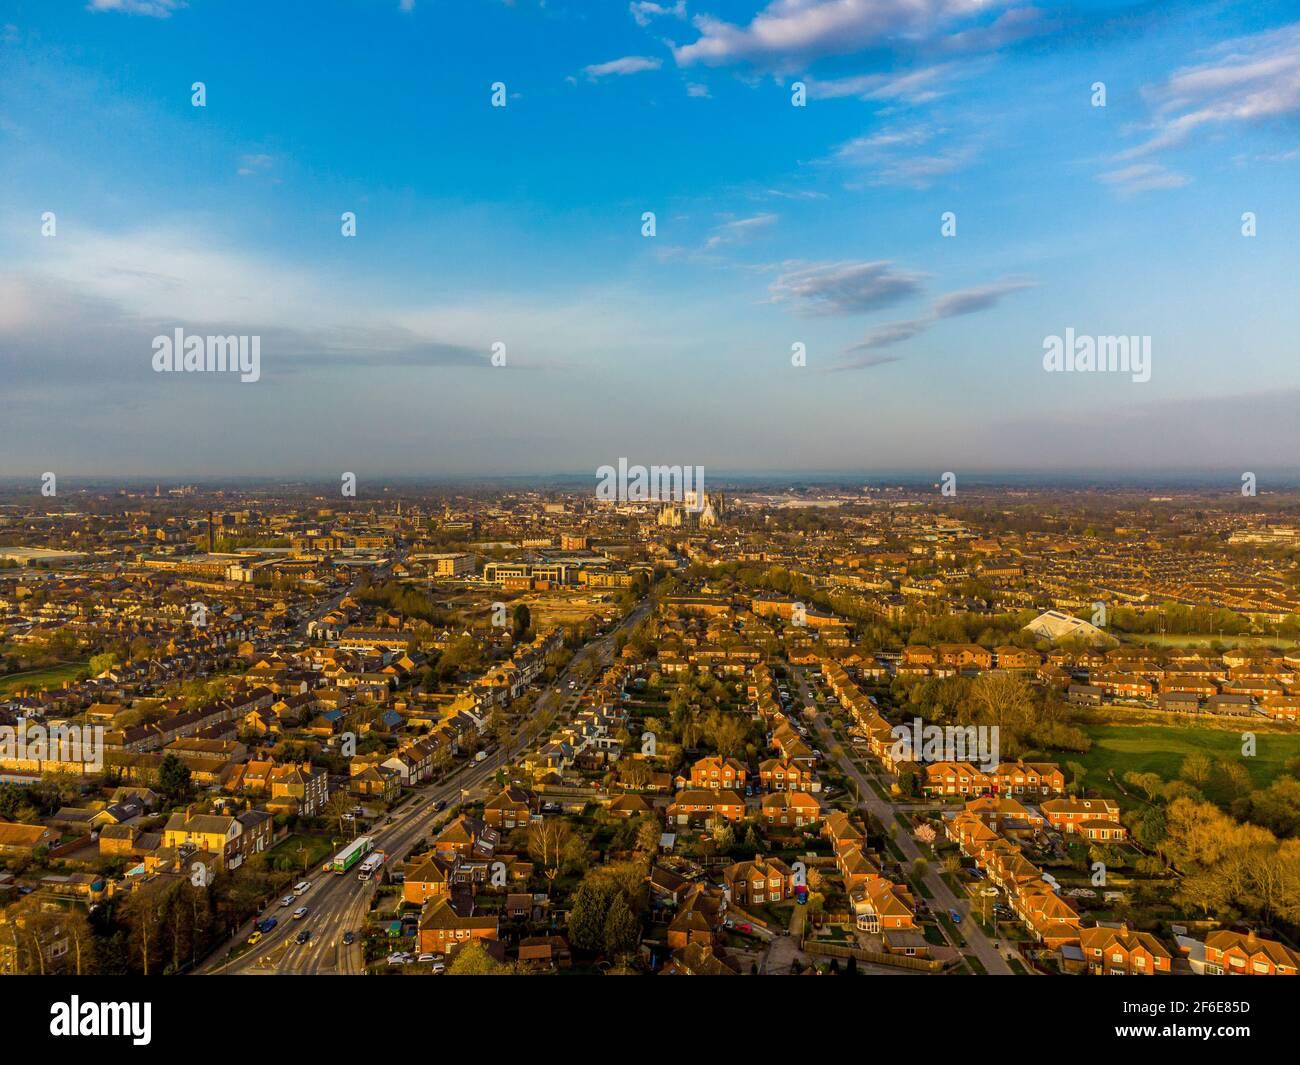 Vista aerea di York, skyline del Regno Unito che guarda a sud-ovest con York Minster nel centro. Foto Stock